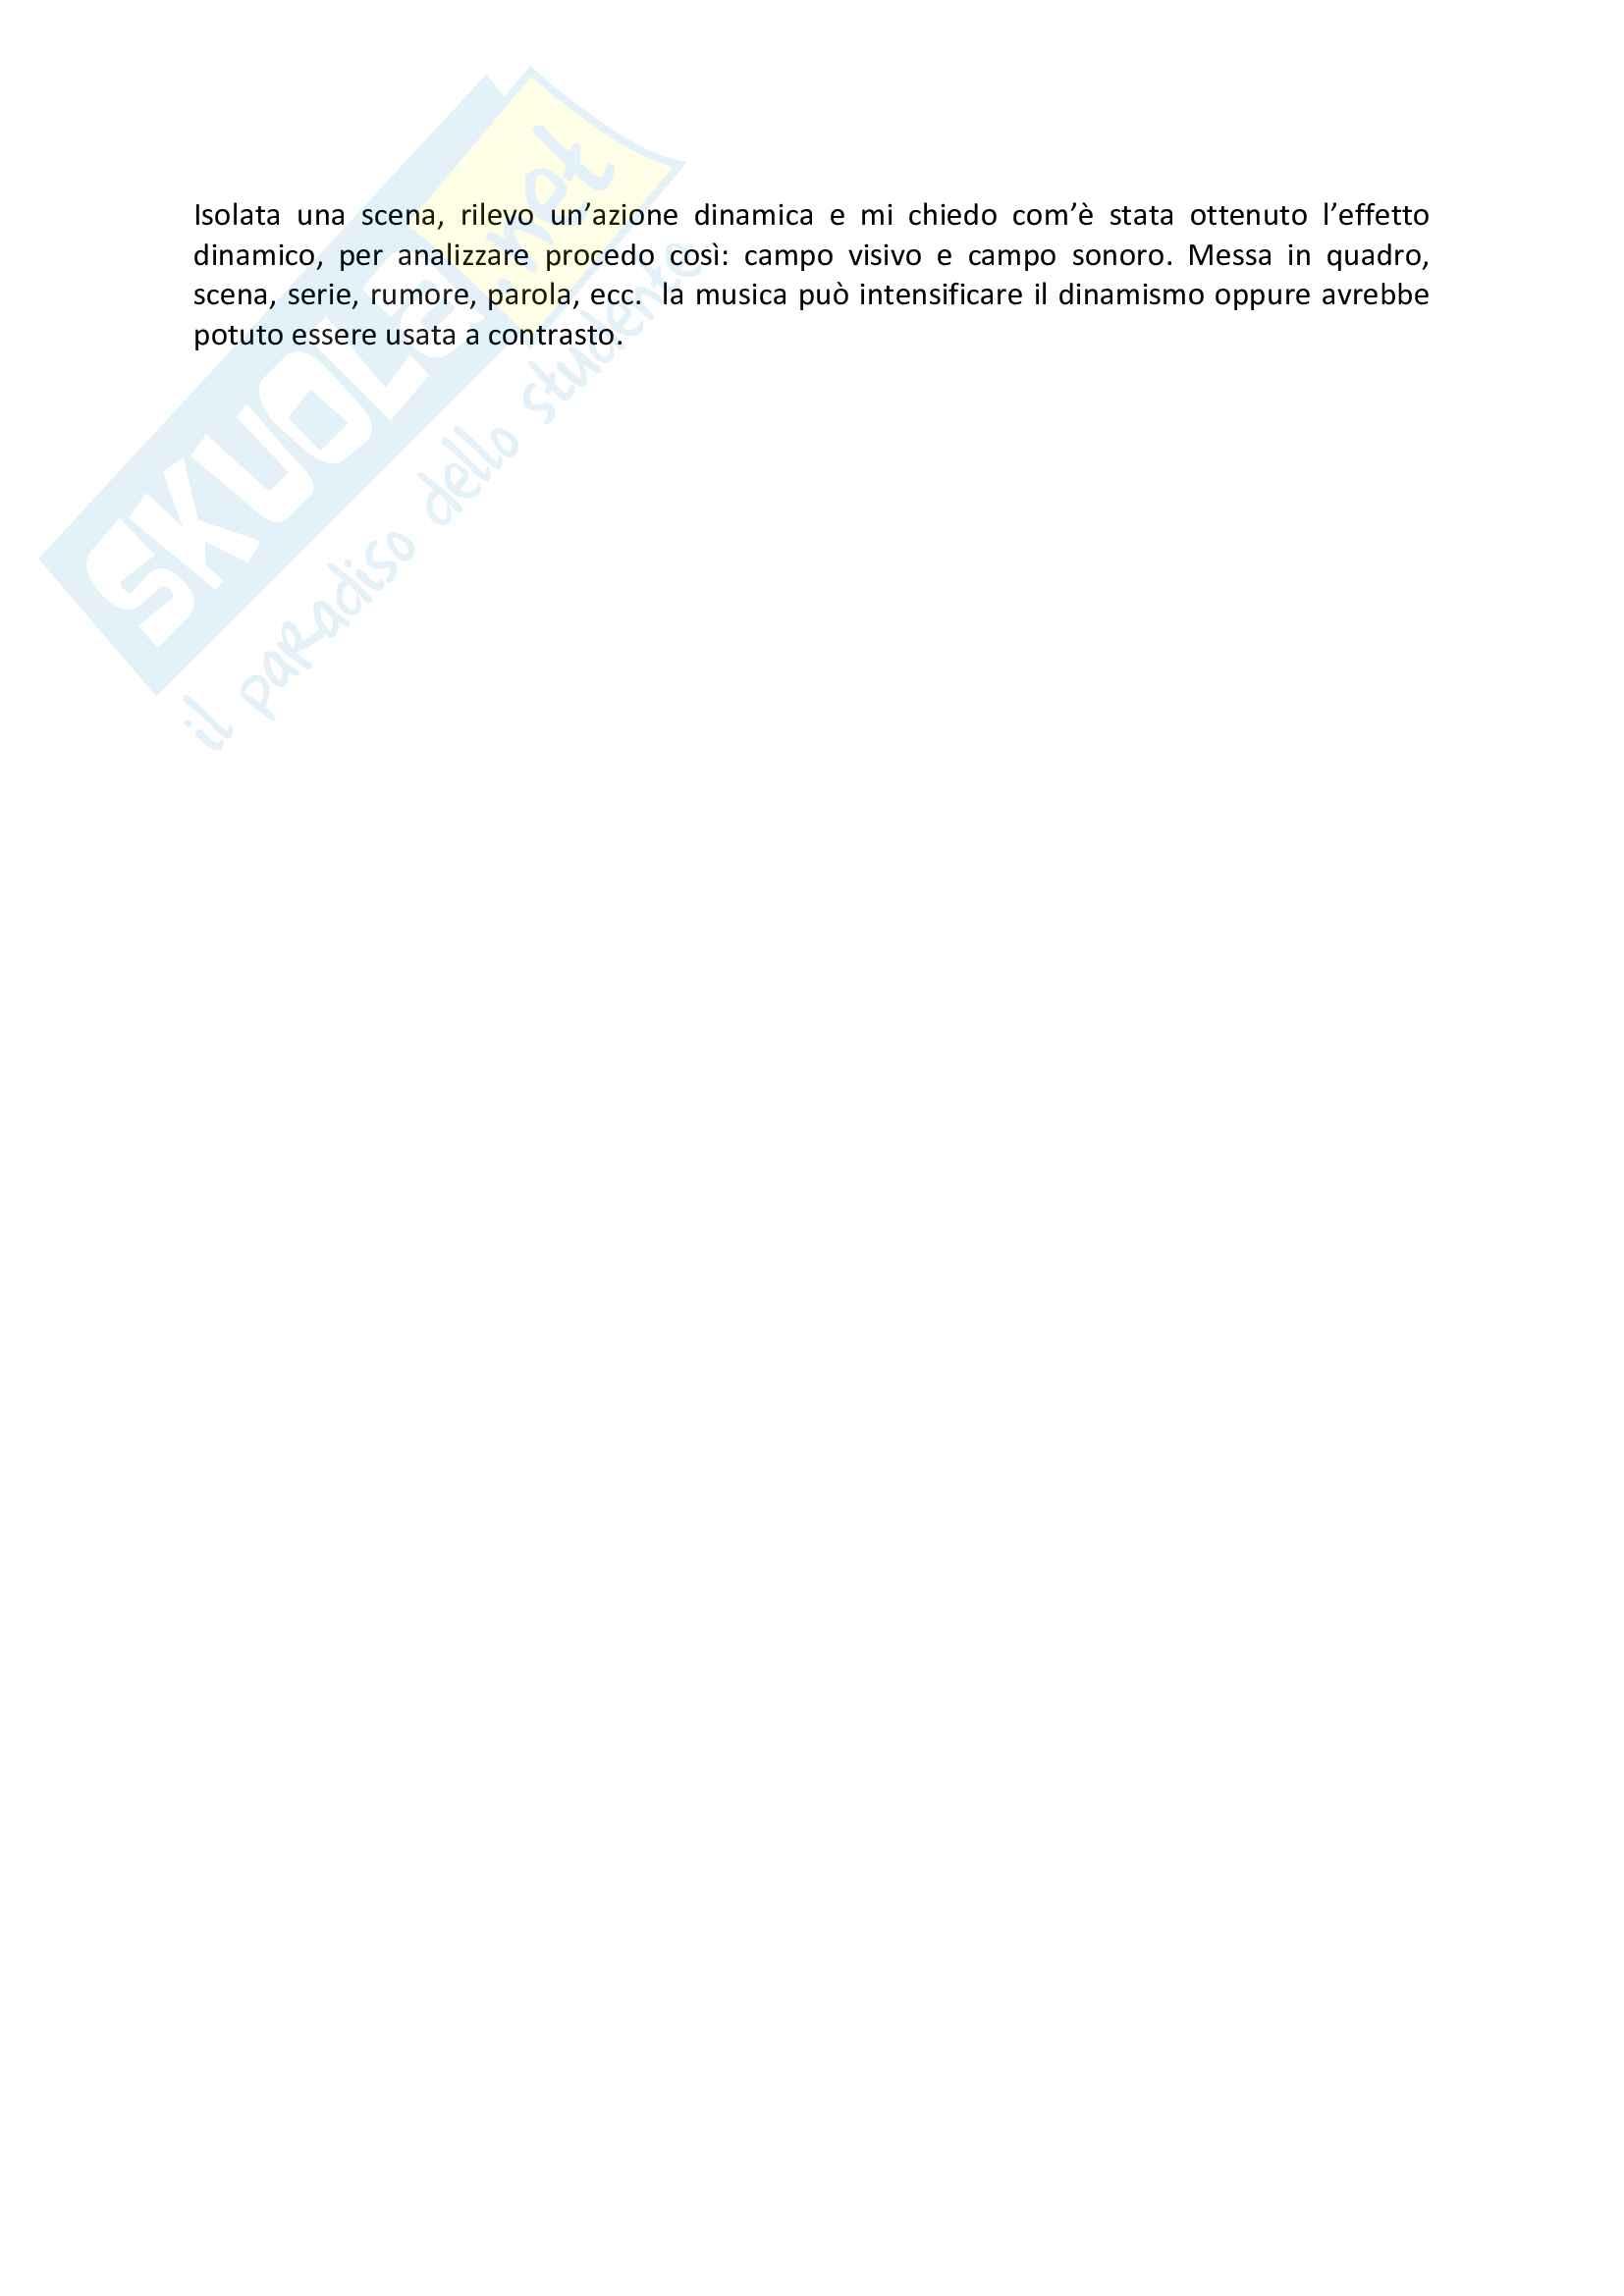 """Riassunto esame Teorie e tecnica del linguaggio audiovisivo, prof. Bandirali, materiale consigliato: slide """"La stilistica della serialità televisiva"""" Pag. 6"""